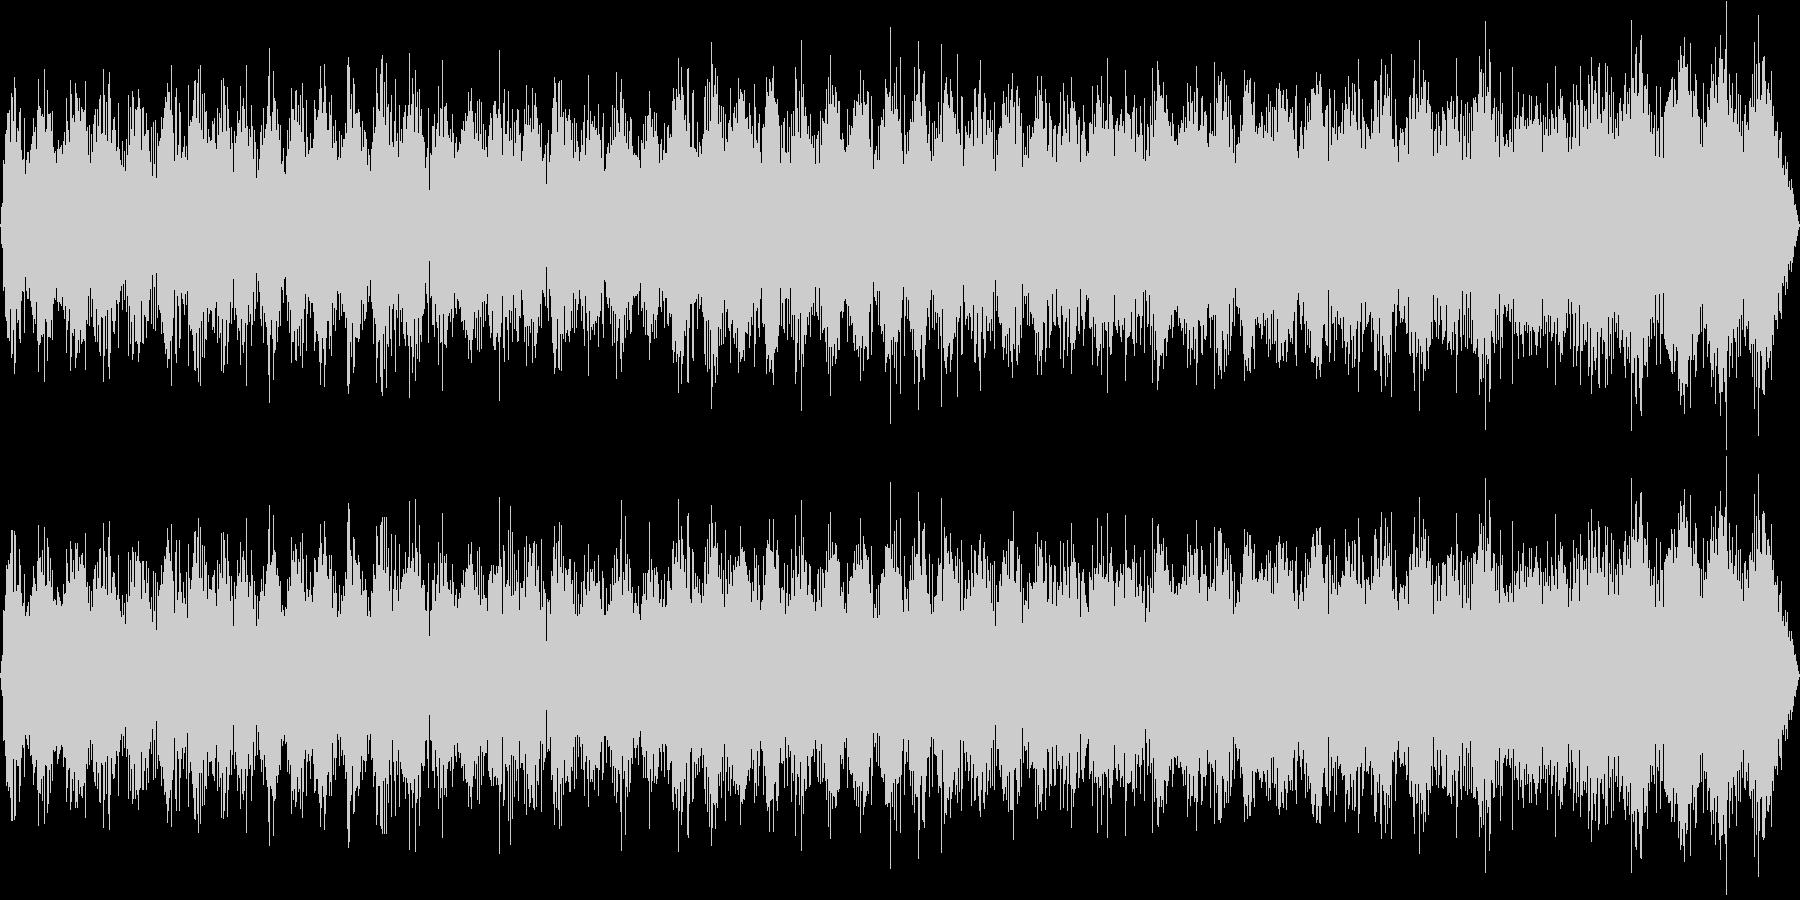 ヘリポート(環境音)の未再生の波形